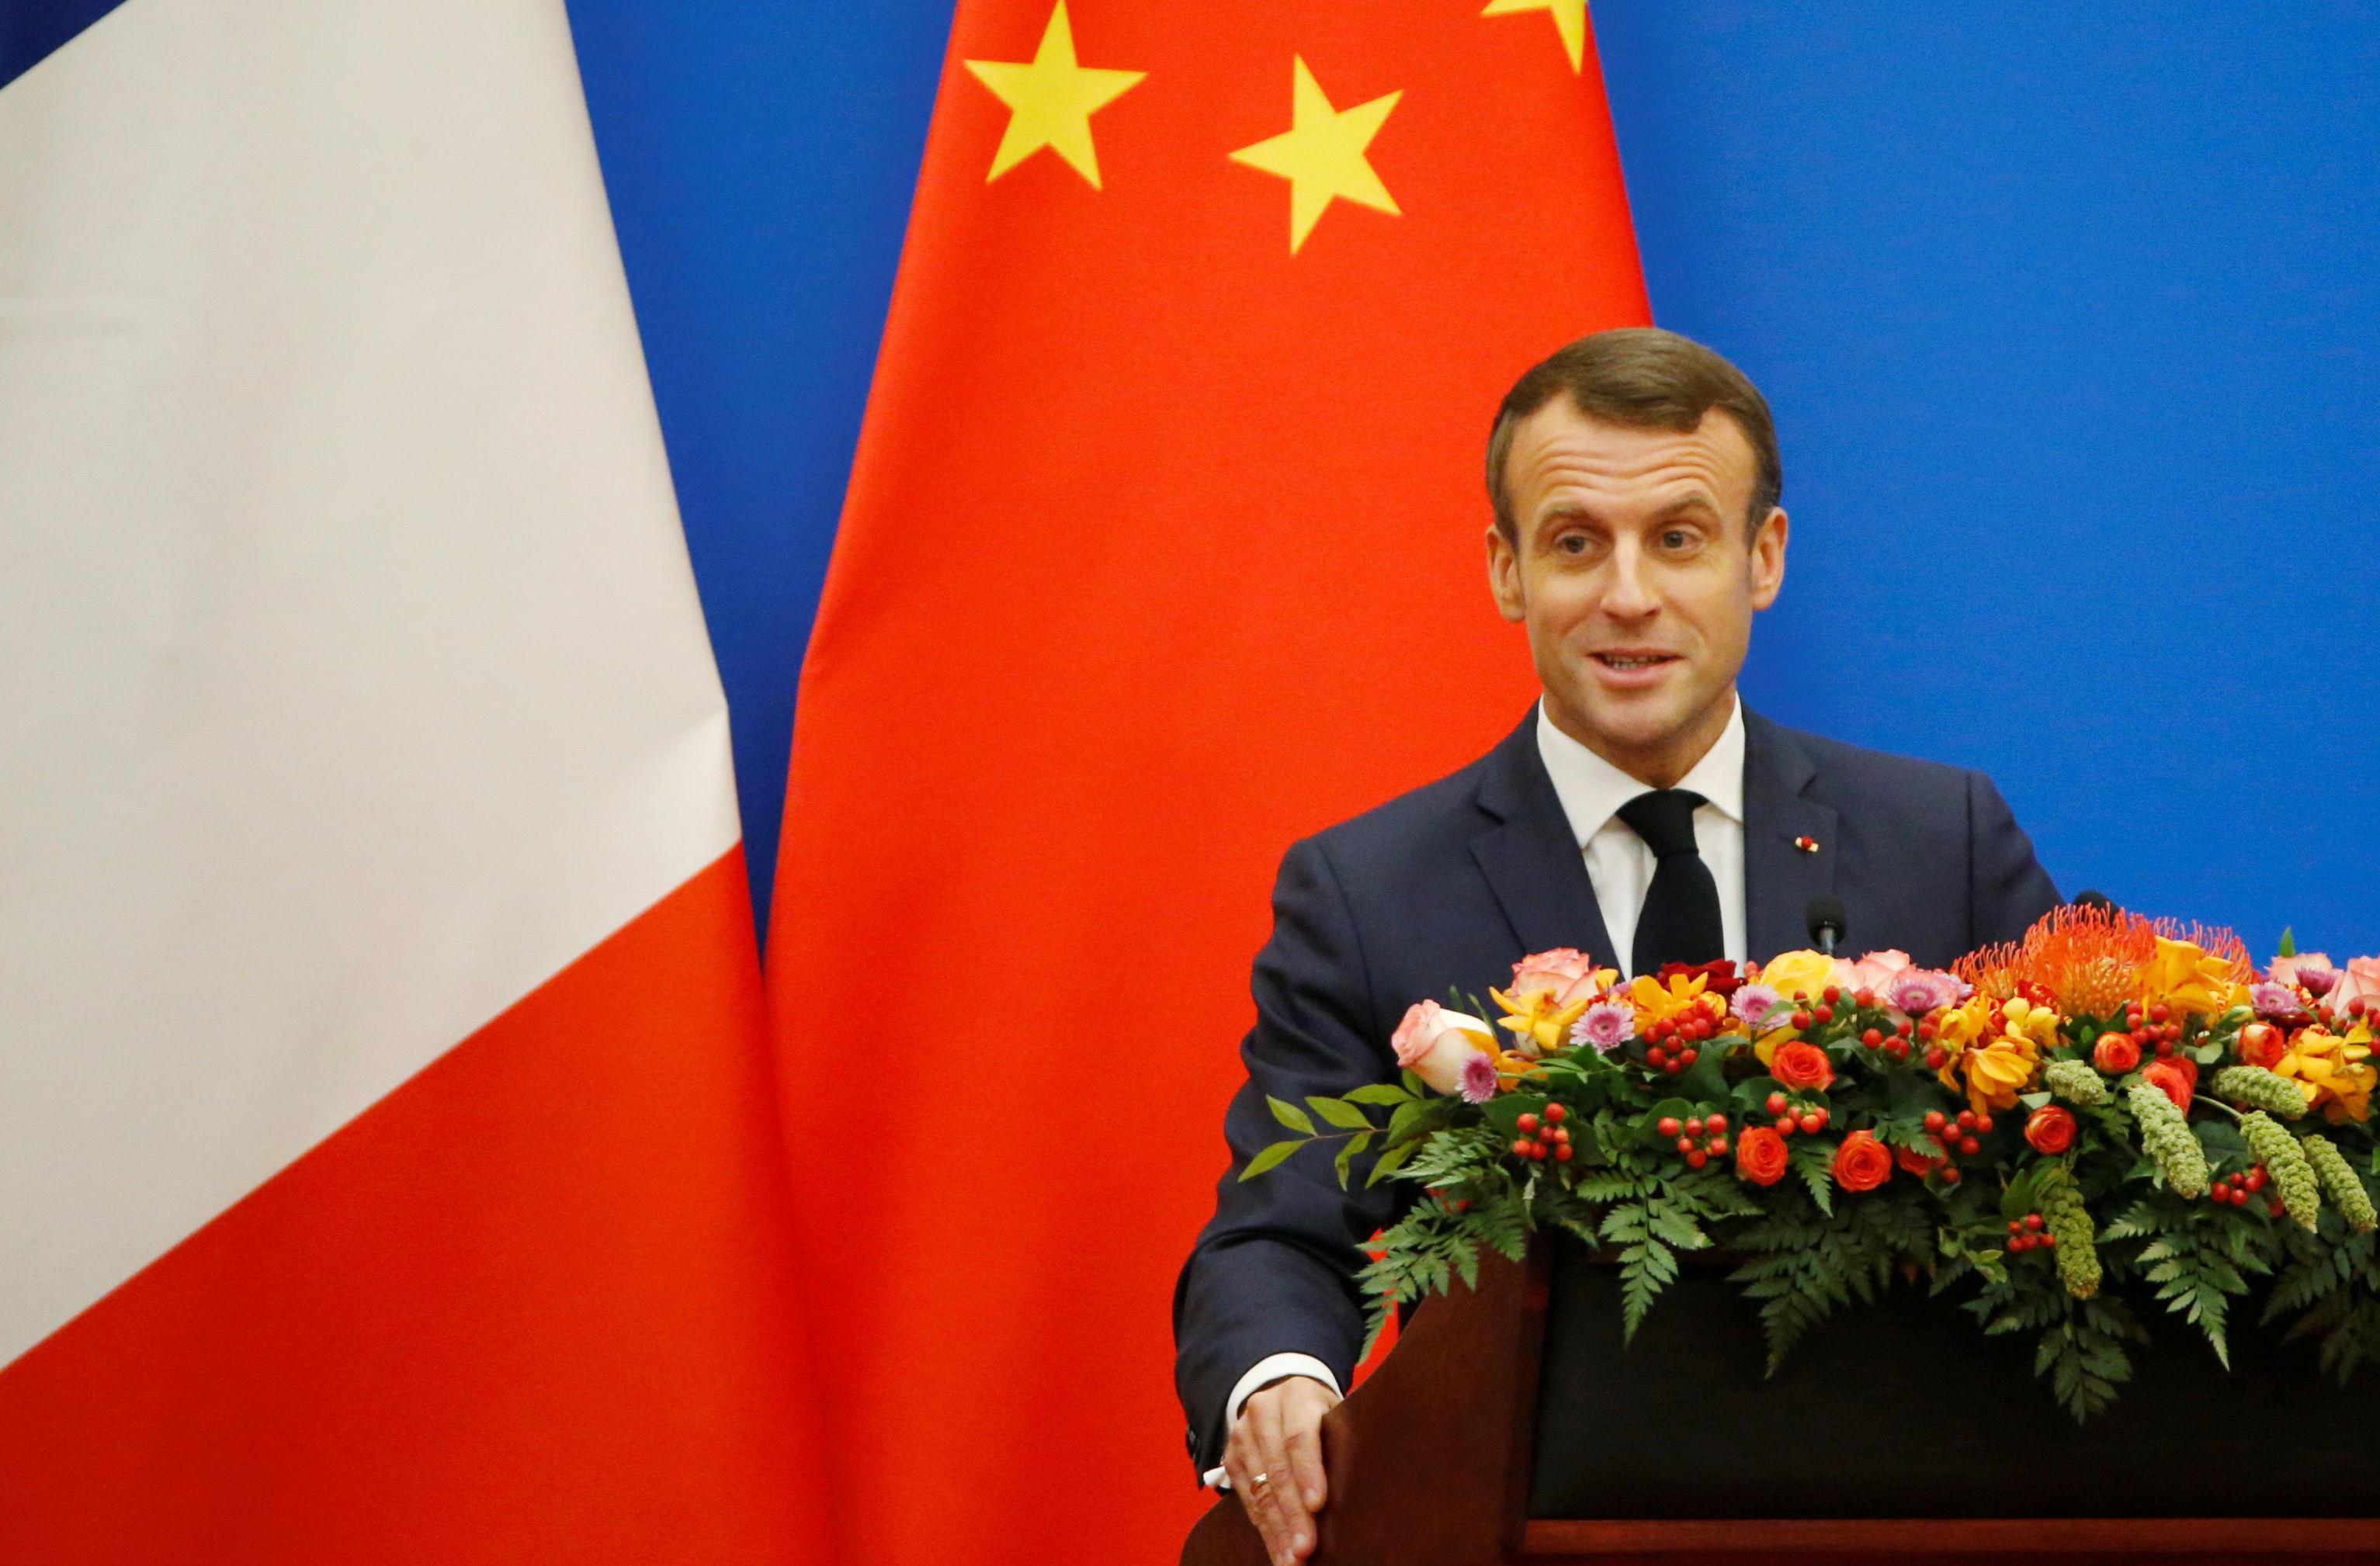 O presidente da França, Emmanuel Macron, discursa durante o Fórum Econômico França-China, em Pequim, no dia 6 de novembro de 2019